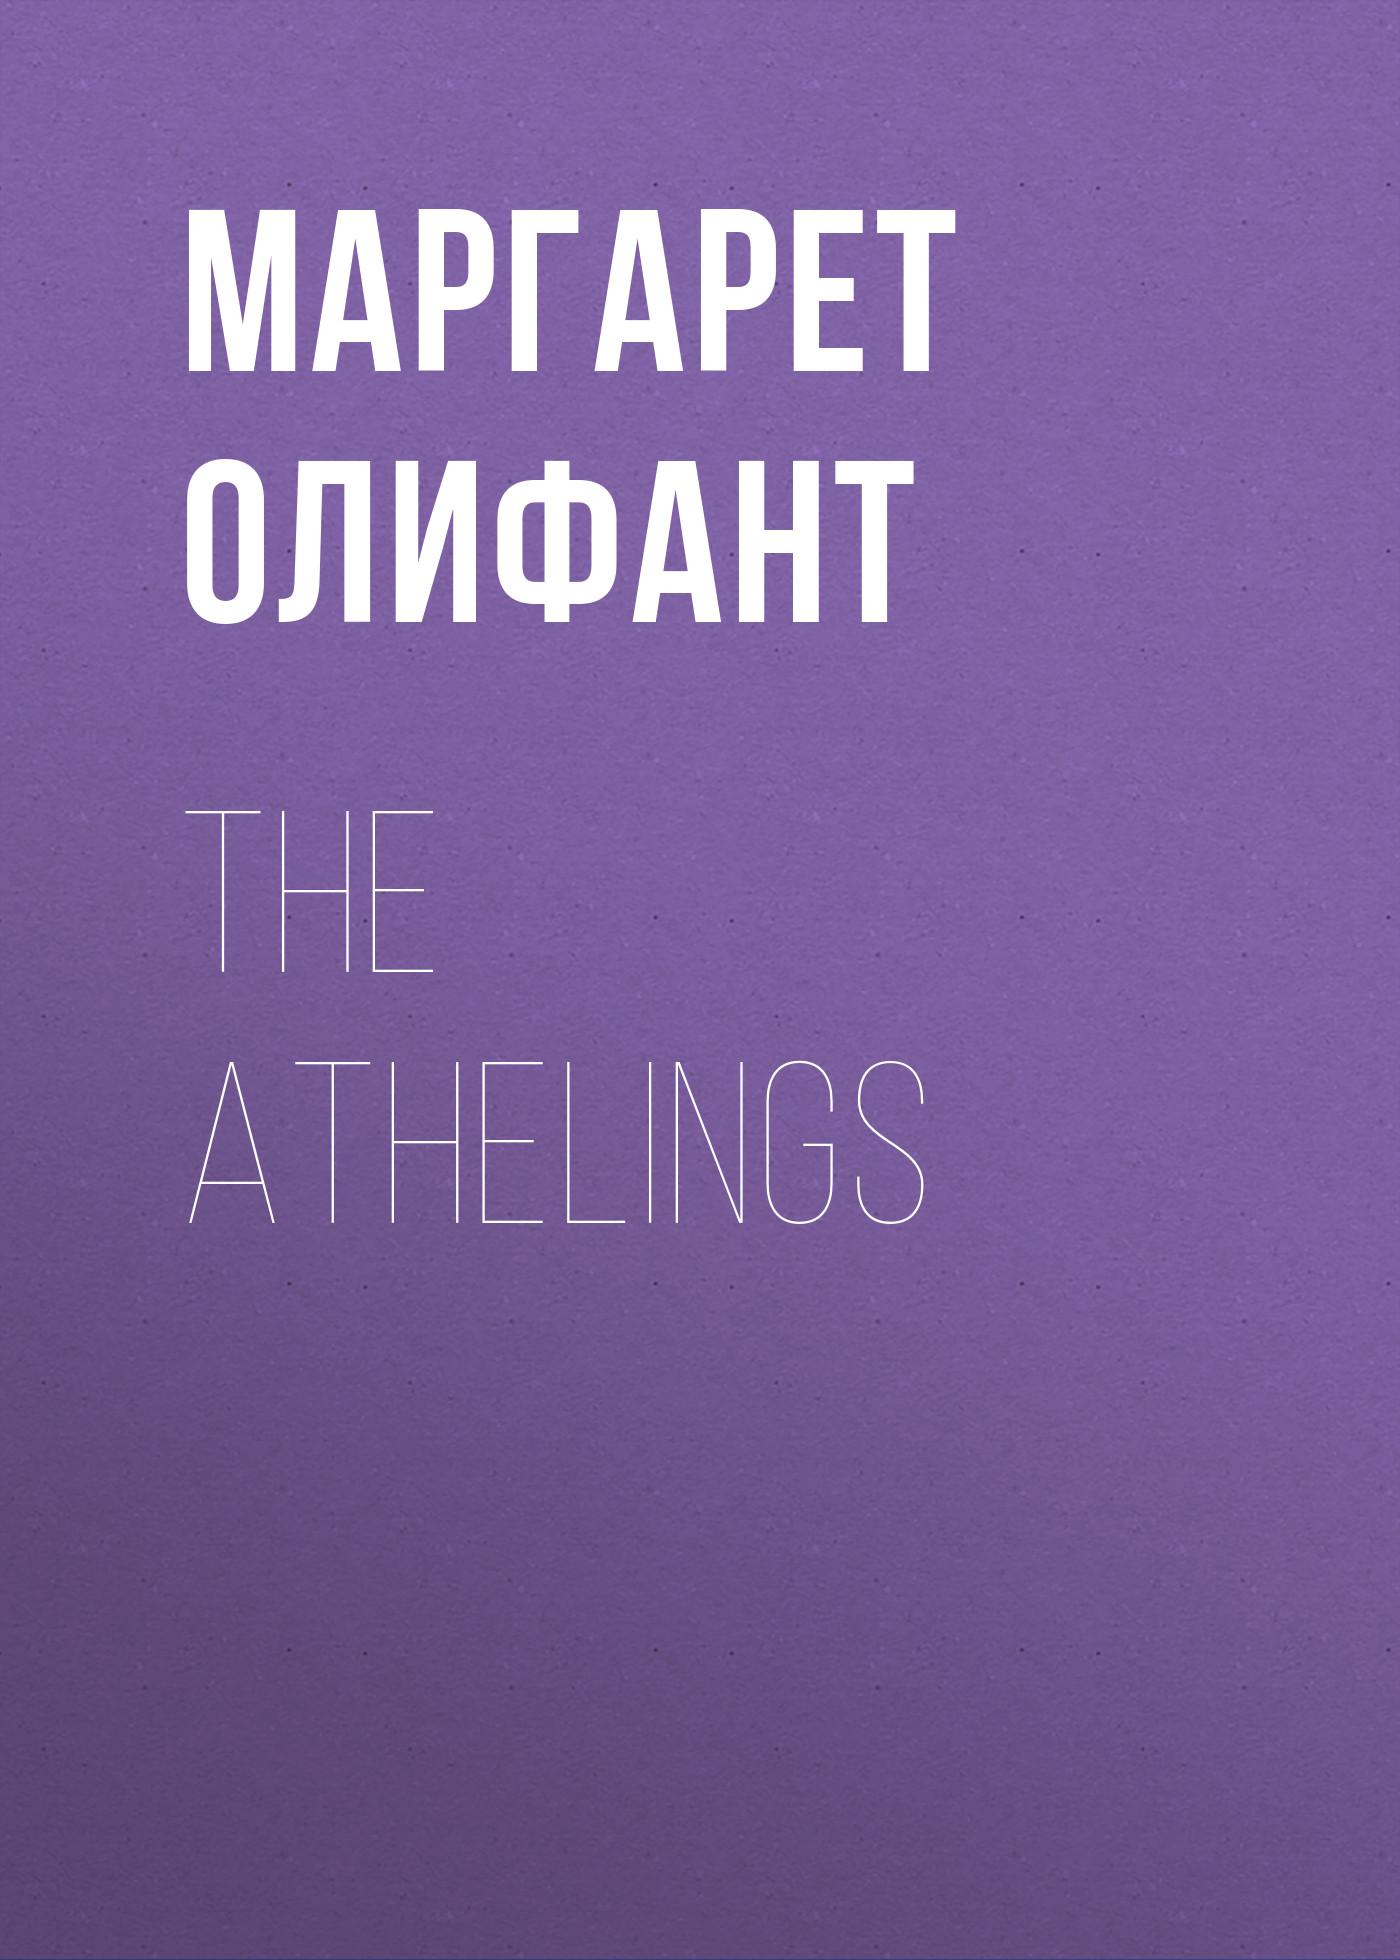 Фото - Маргарет Олифант The Athelings ханимен г элеанор олифант в полном порядке